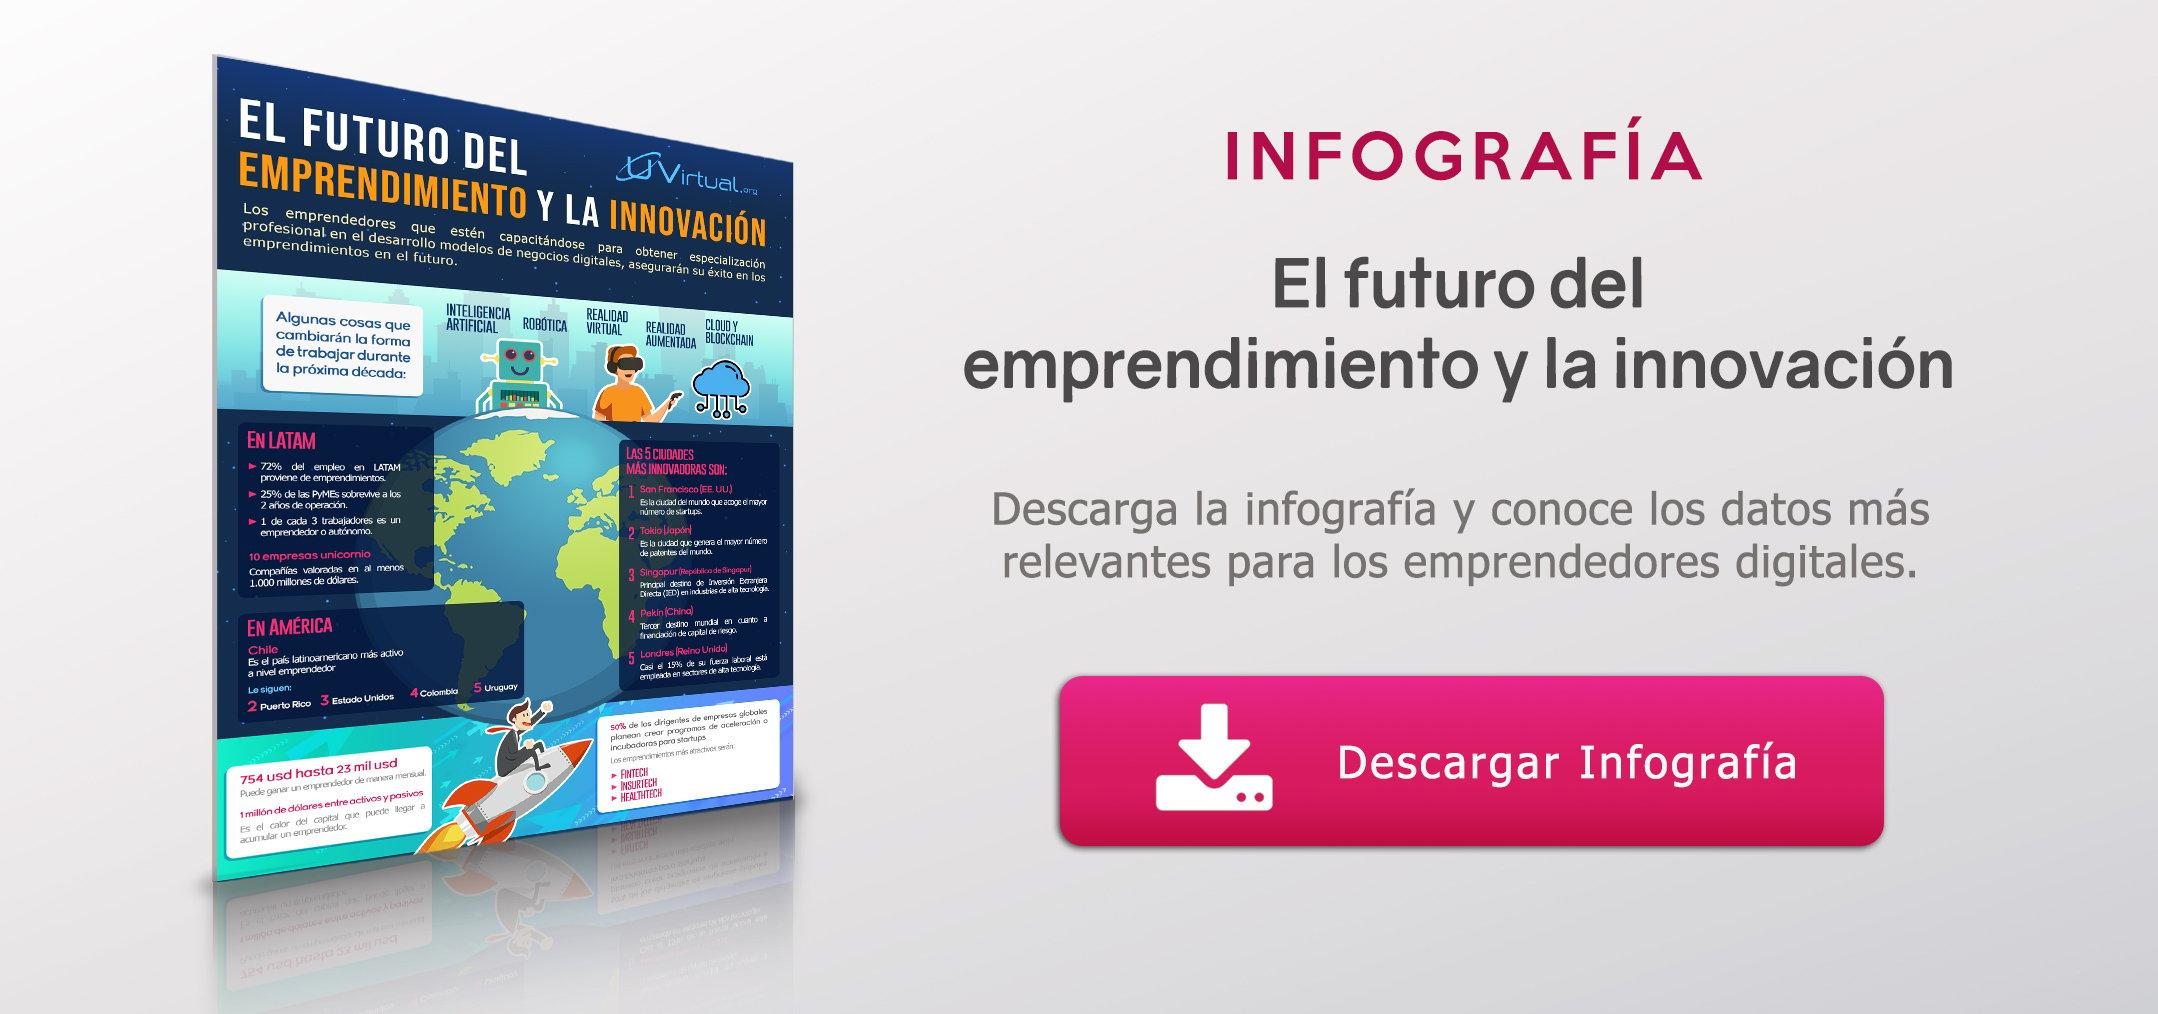 infografia-emprendimiento-innovacion-futuro